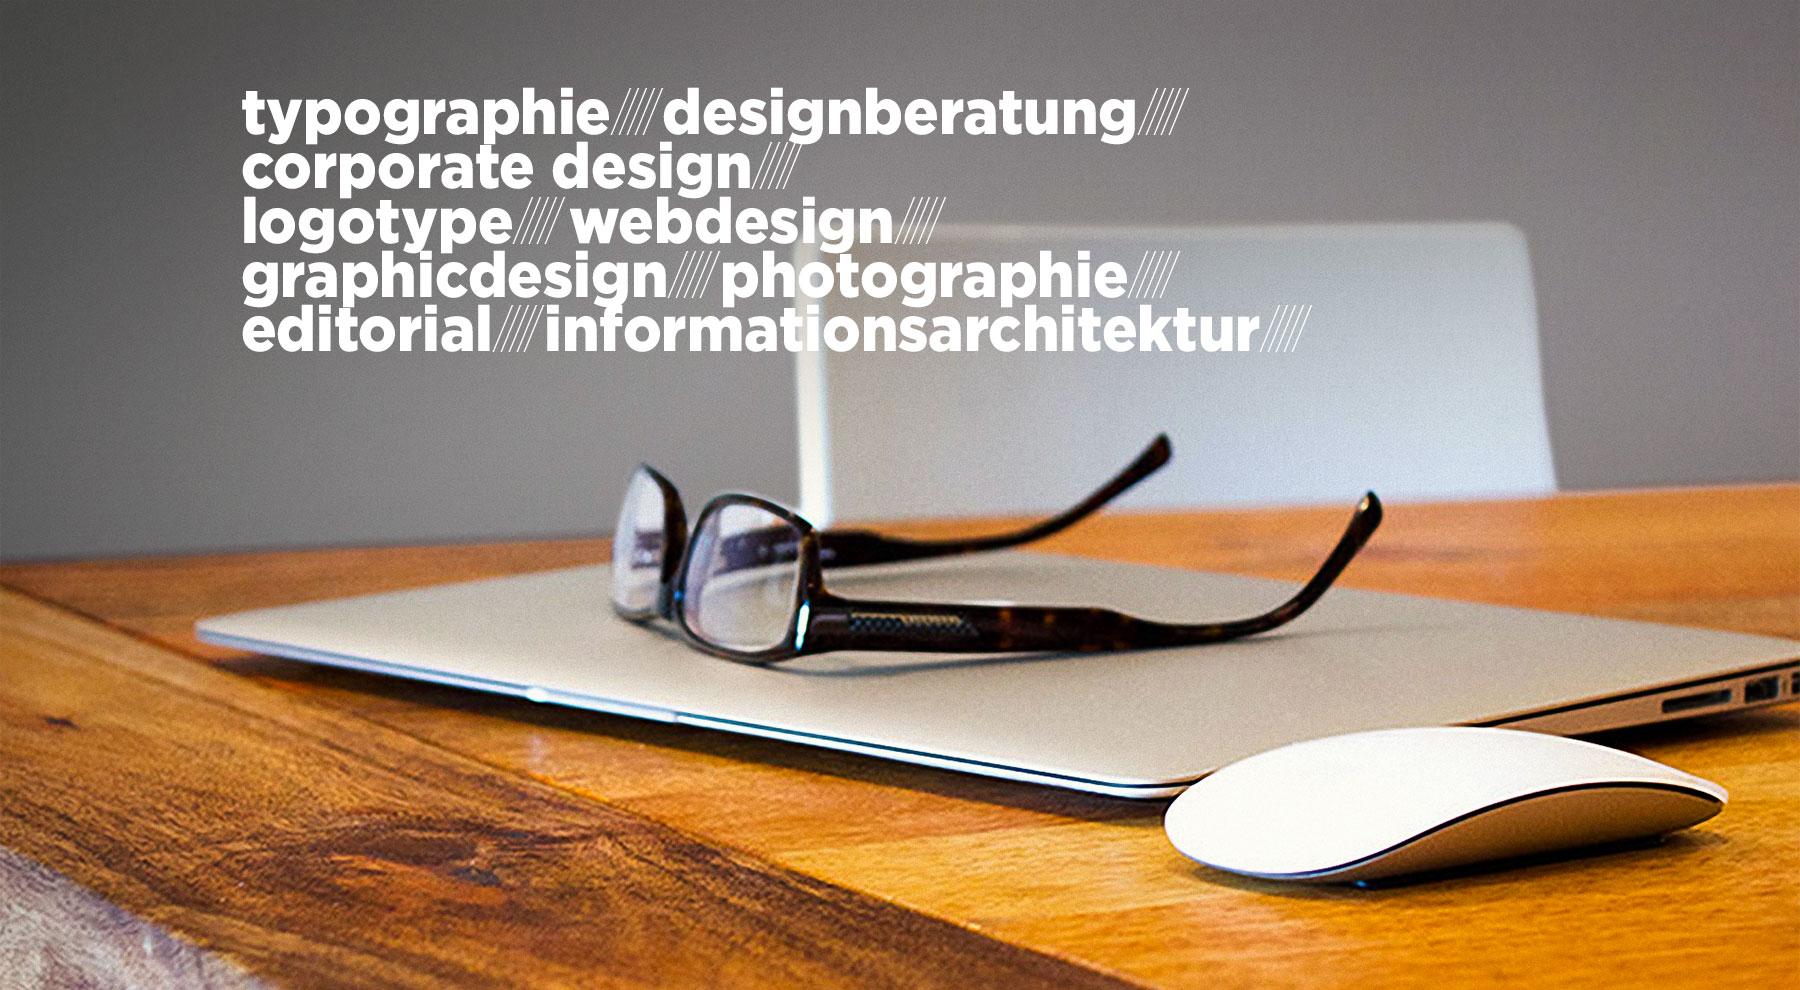 polydsign arbeitet für Sie in folgenden Bereichen: Visuelle Kommunikation, WebDesign, Logo, Corporate Design, DesignBeratung und Typografie